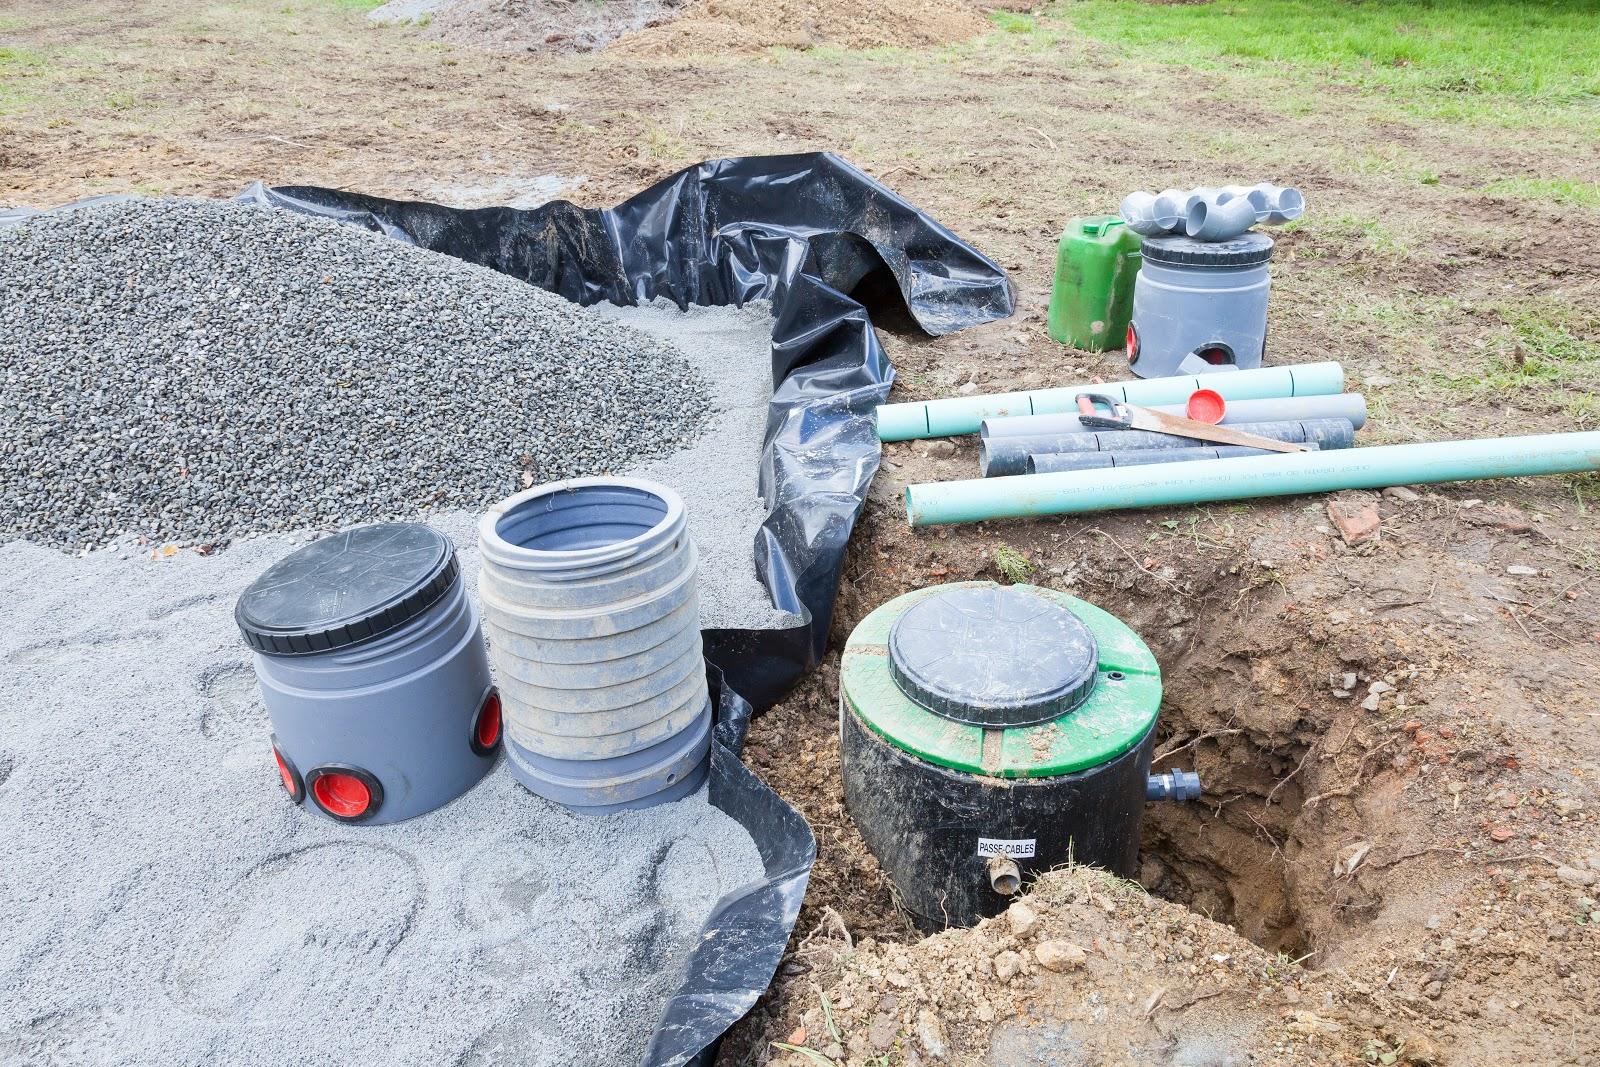 Proiectarea sistemului de canalizare in functie de locatie